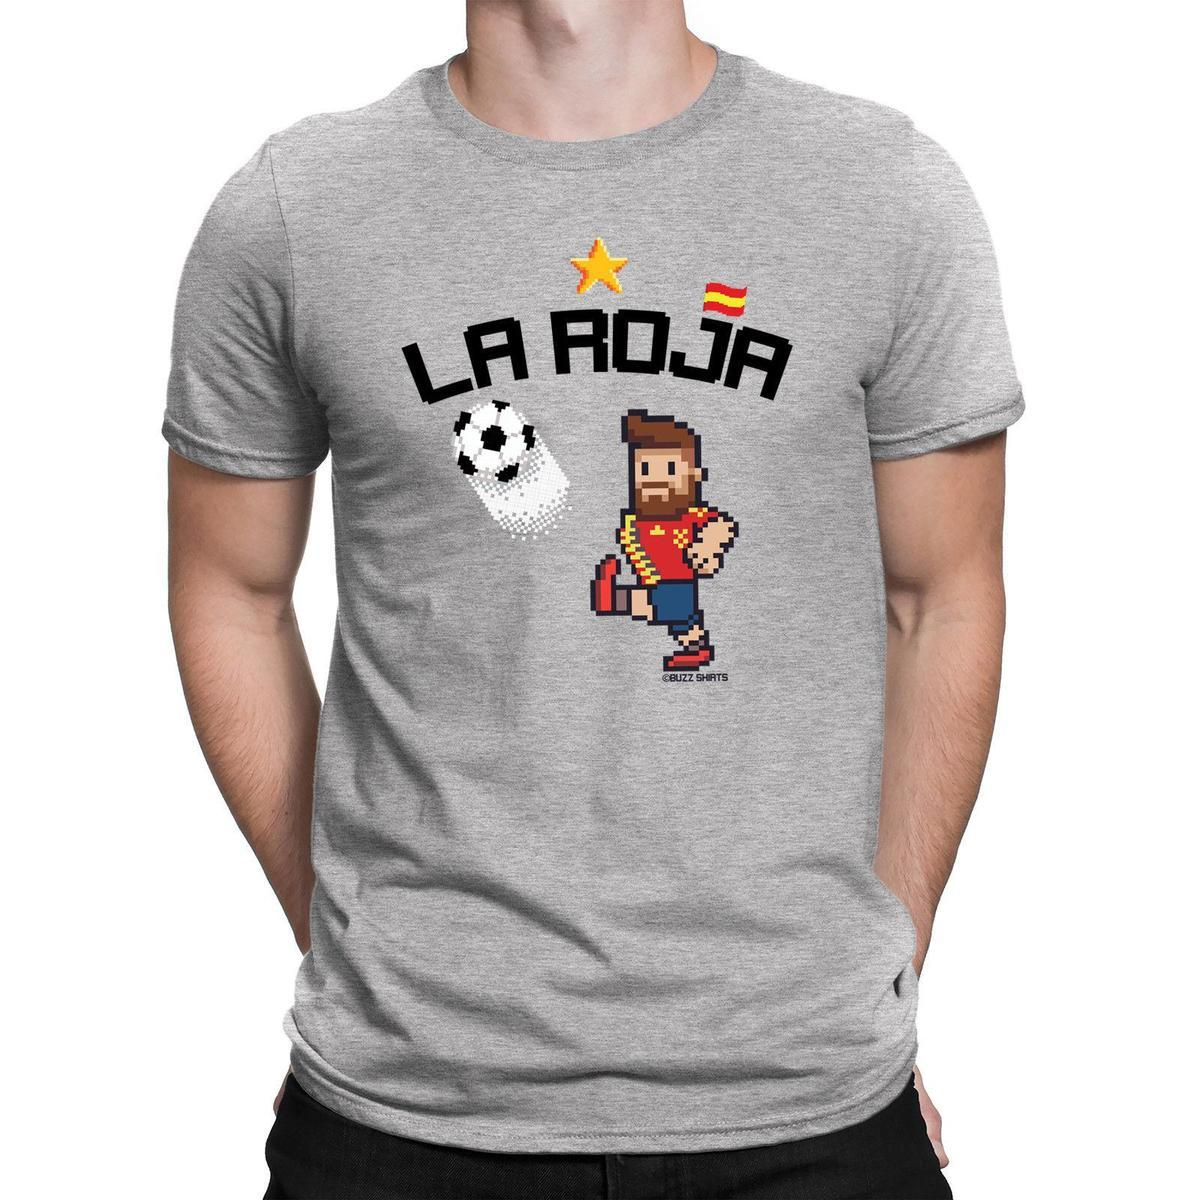 Acquista Pixel Da Spagna Con Shirt Mens T La Calcio Caricatura Roja EebYWDH29I